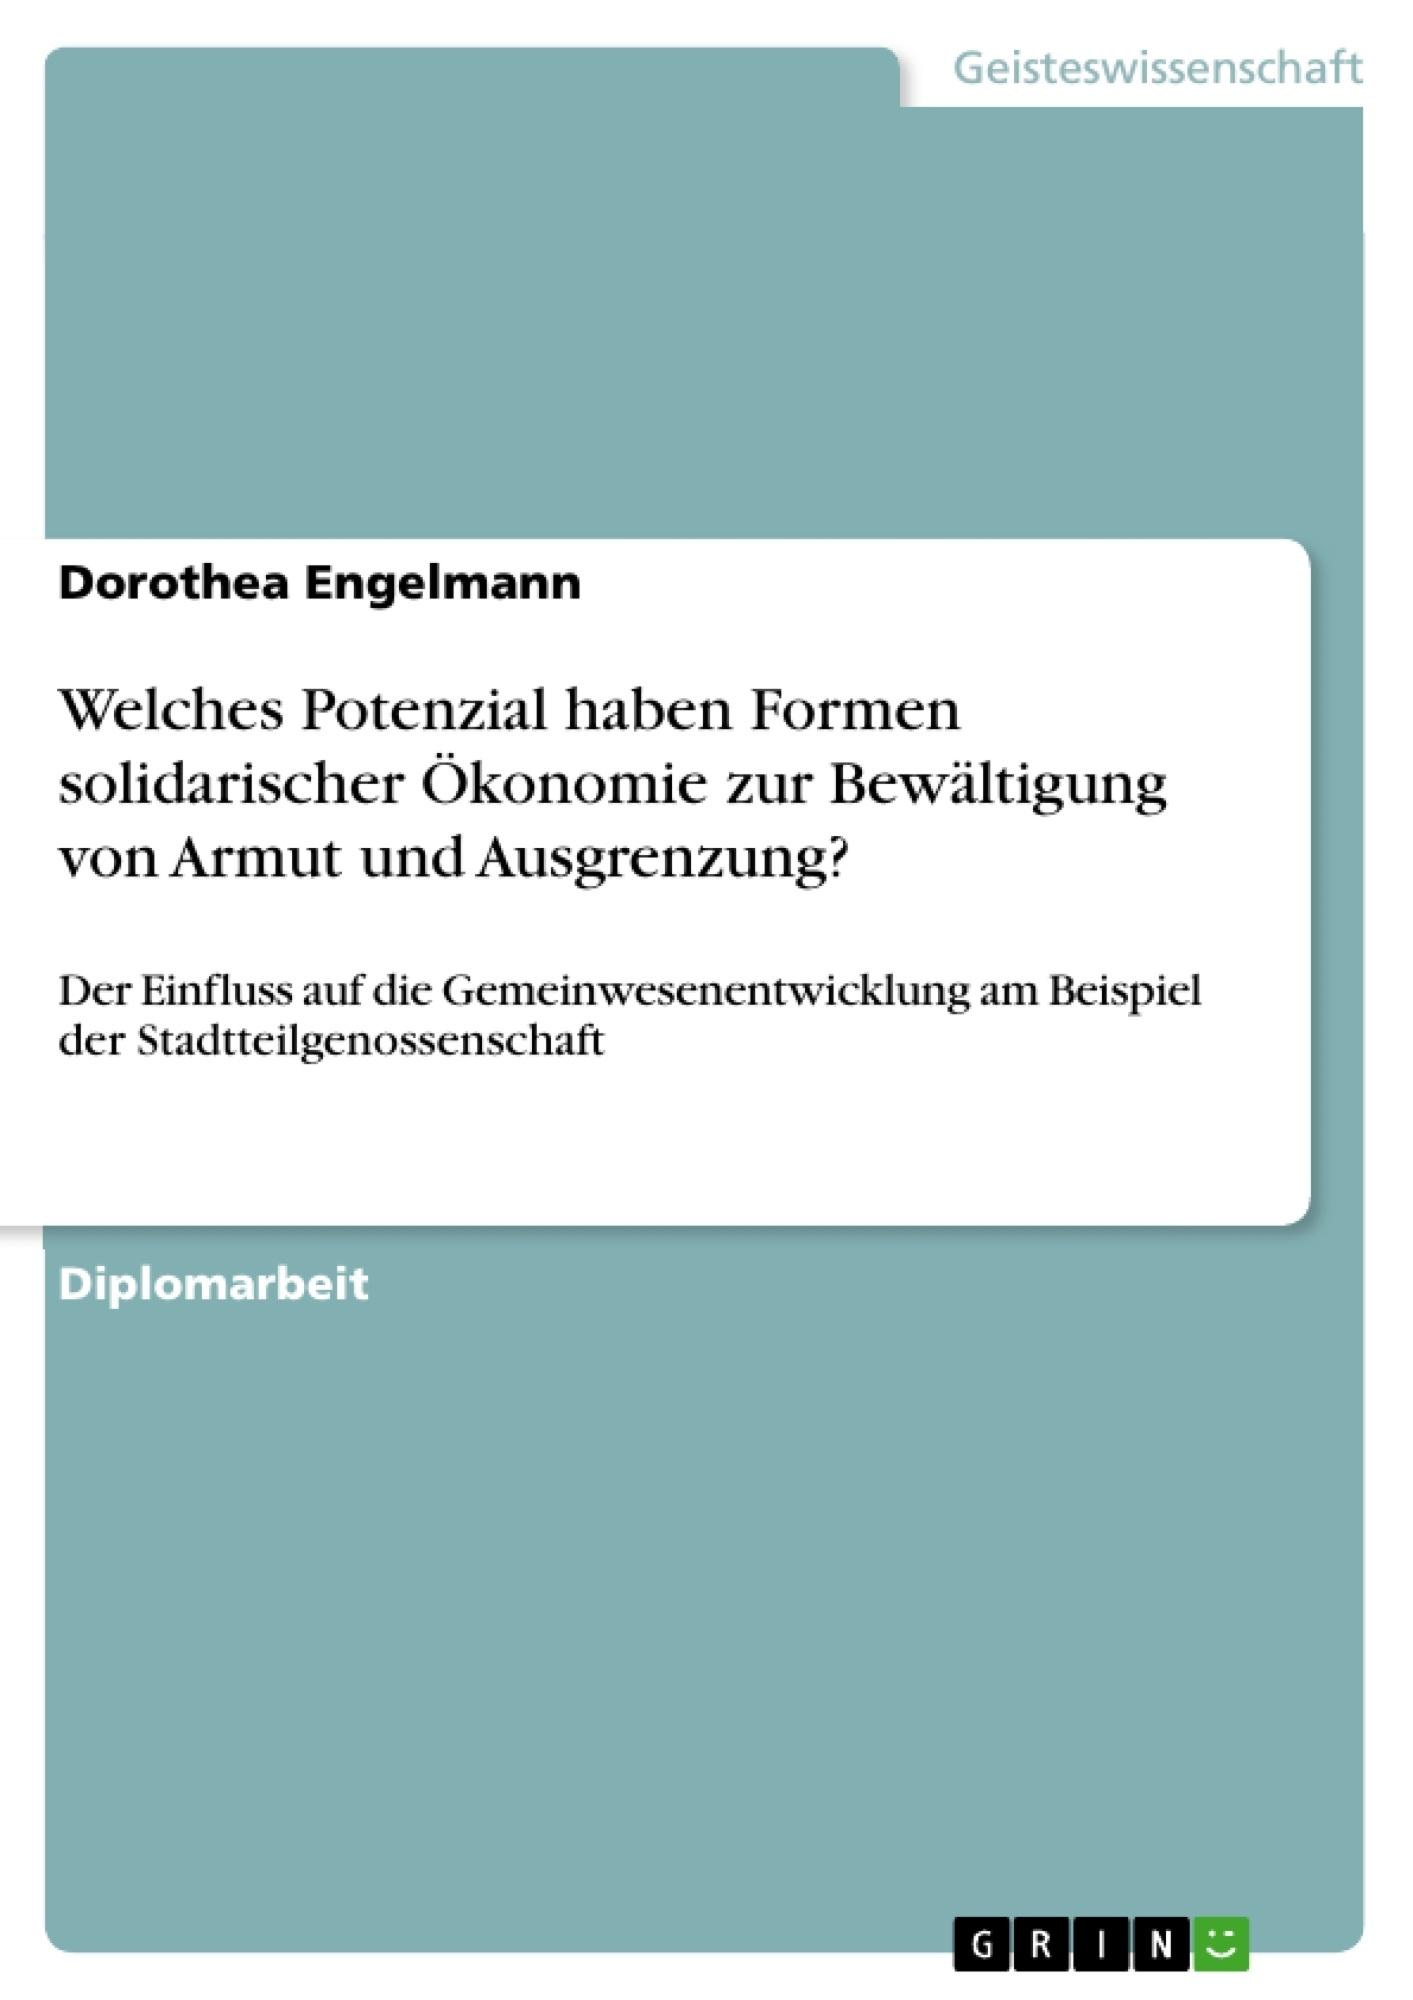 Titel: Welches Potenzial haben Formen solidarischer Ökonomie zur Bewältigung von Armut und Ausgrenzung?